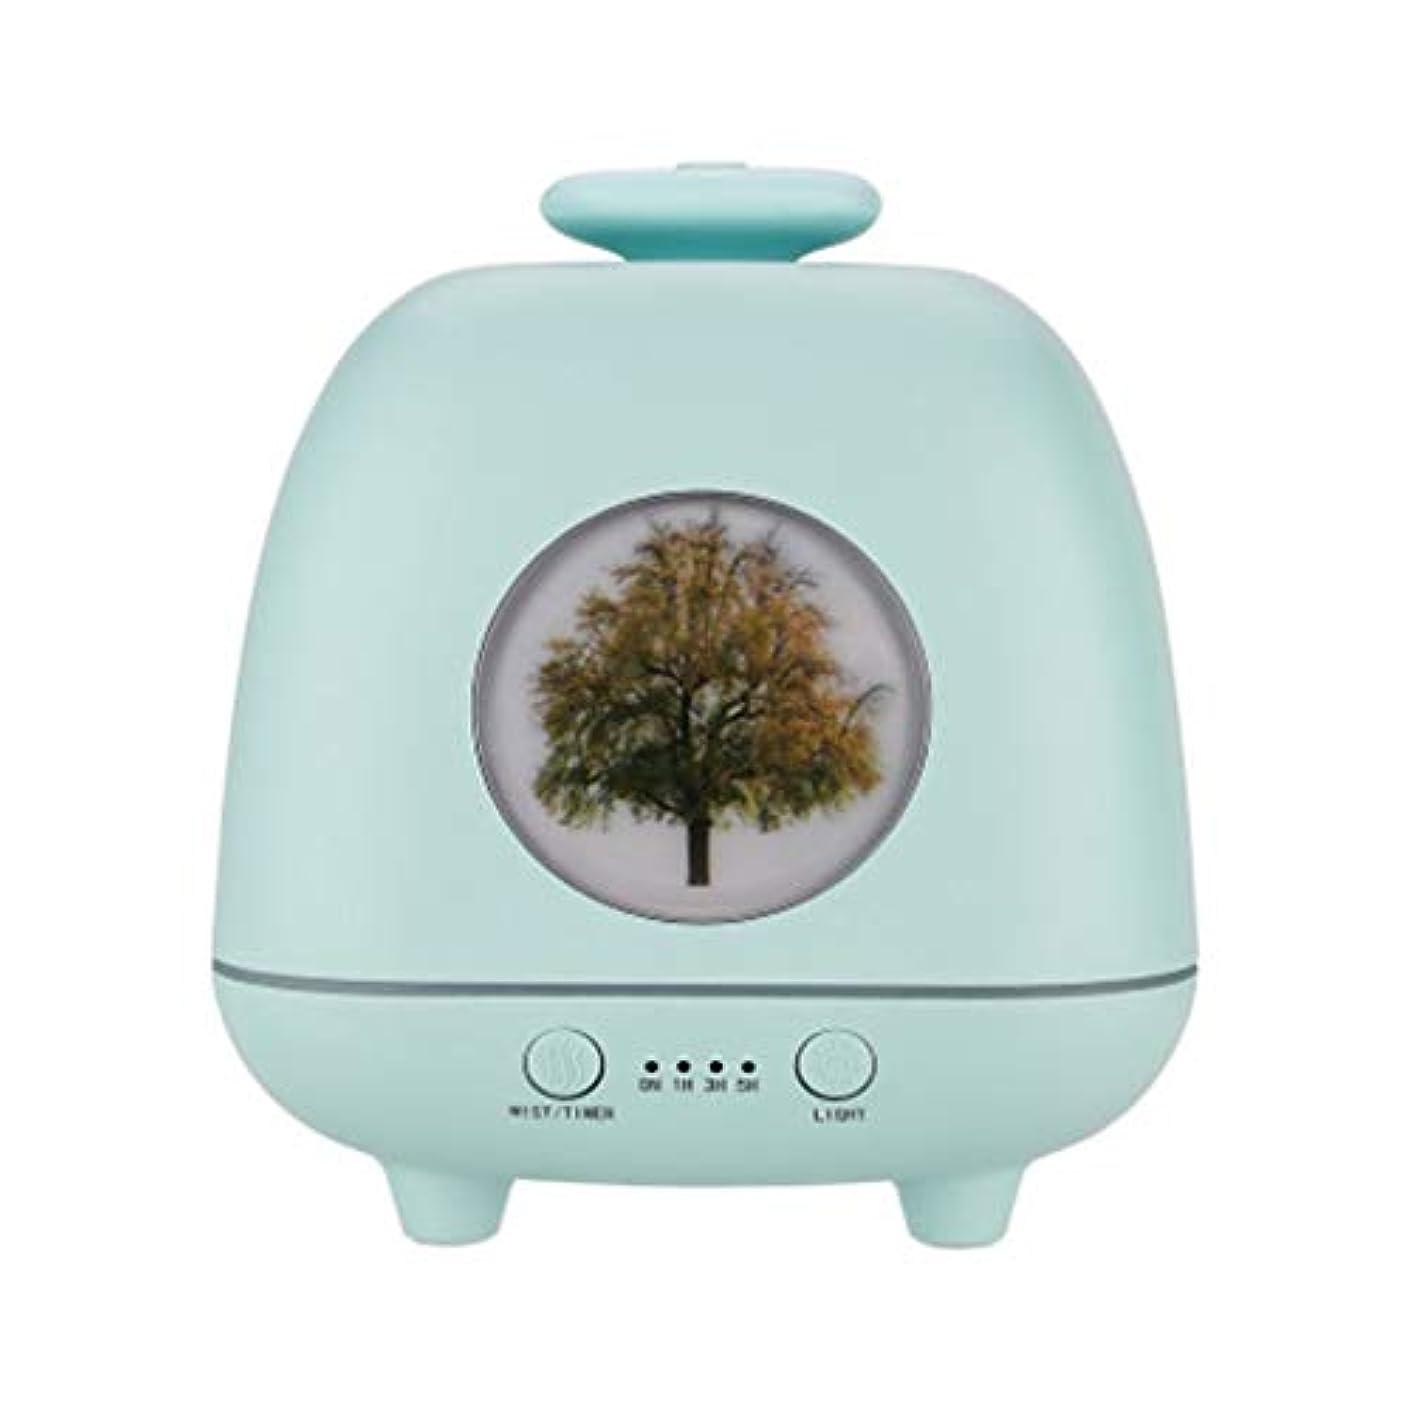 分析する共同選択力学超音波ホームデスクトップクリエイティブ雰囲気ナイトライト加湿器寝室の赤ちゃん女性の家の装飾 (Color : Green)